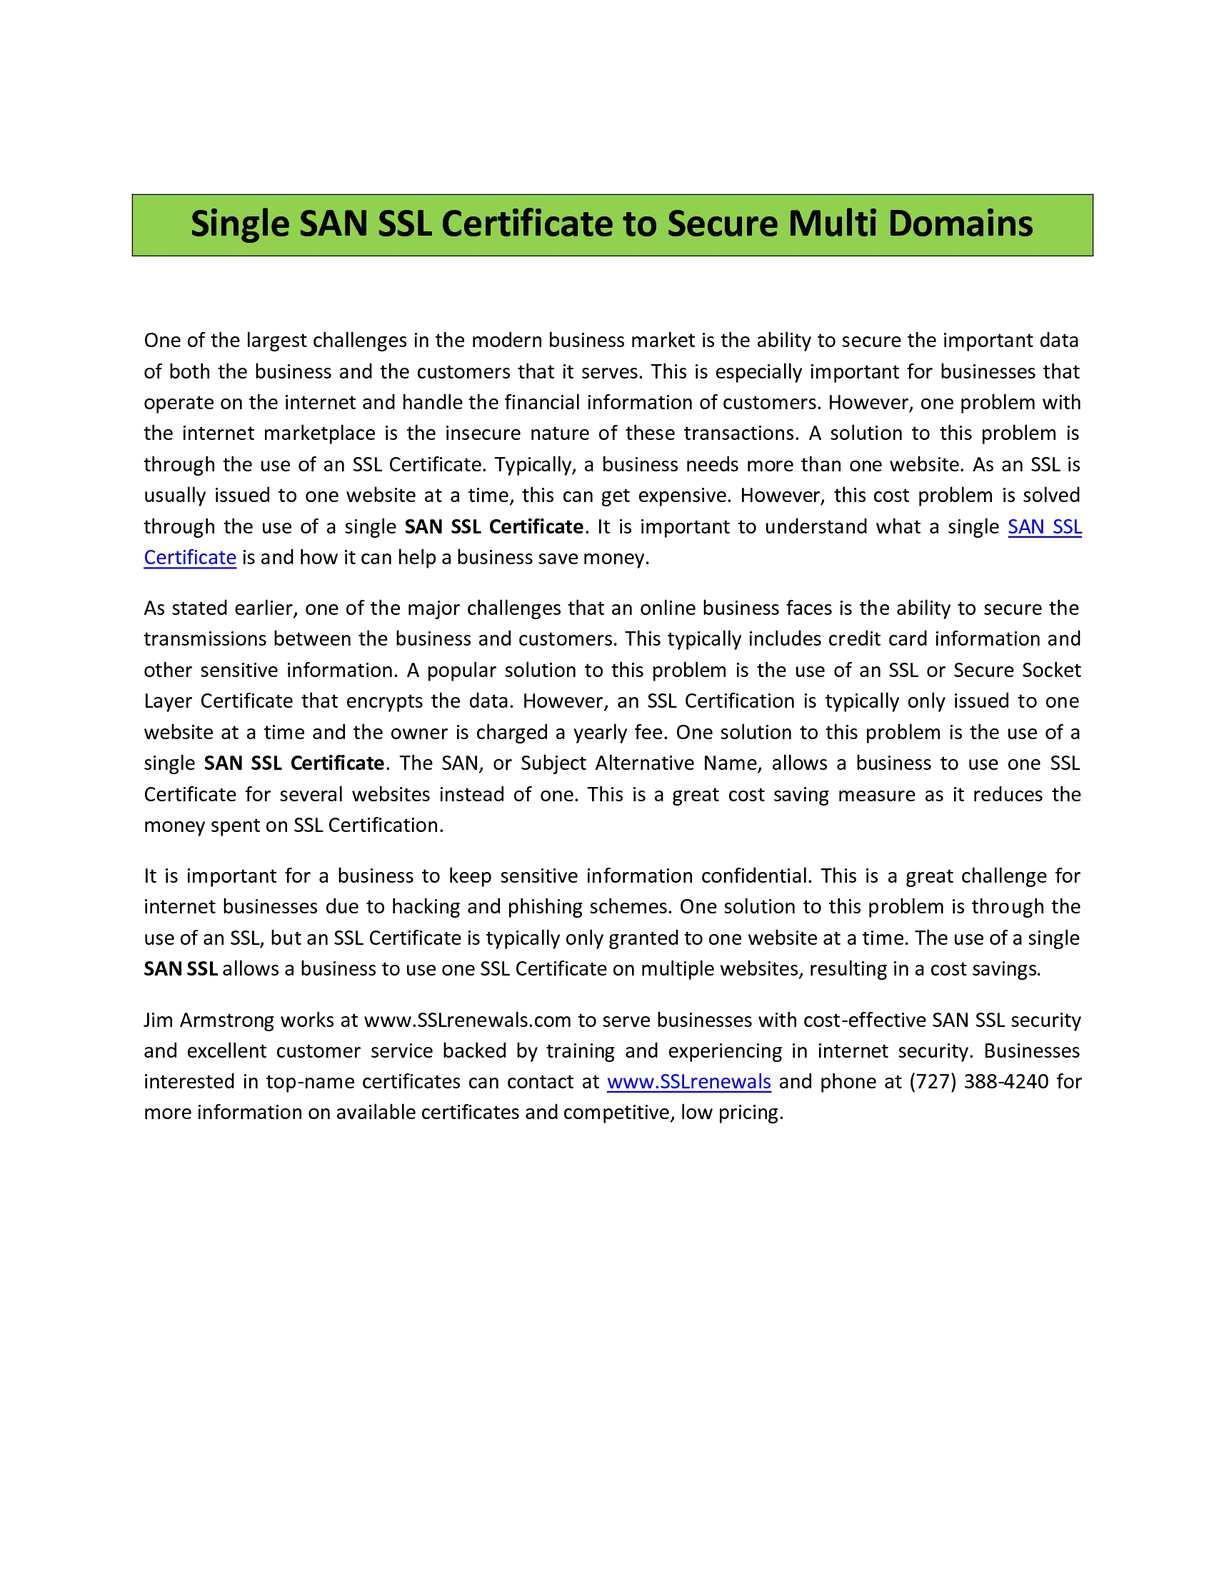 Calamo San Ssl Certificate Single San Ssl Certificate